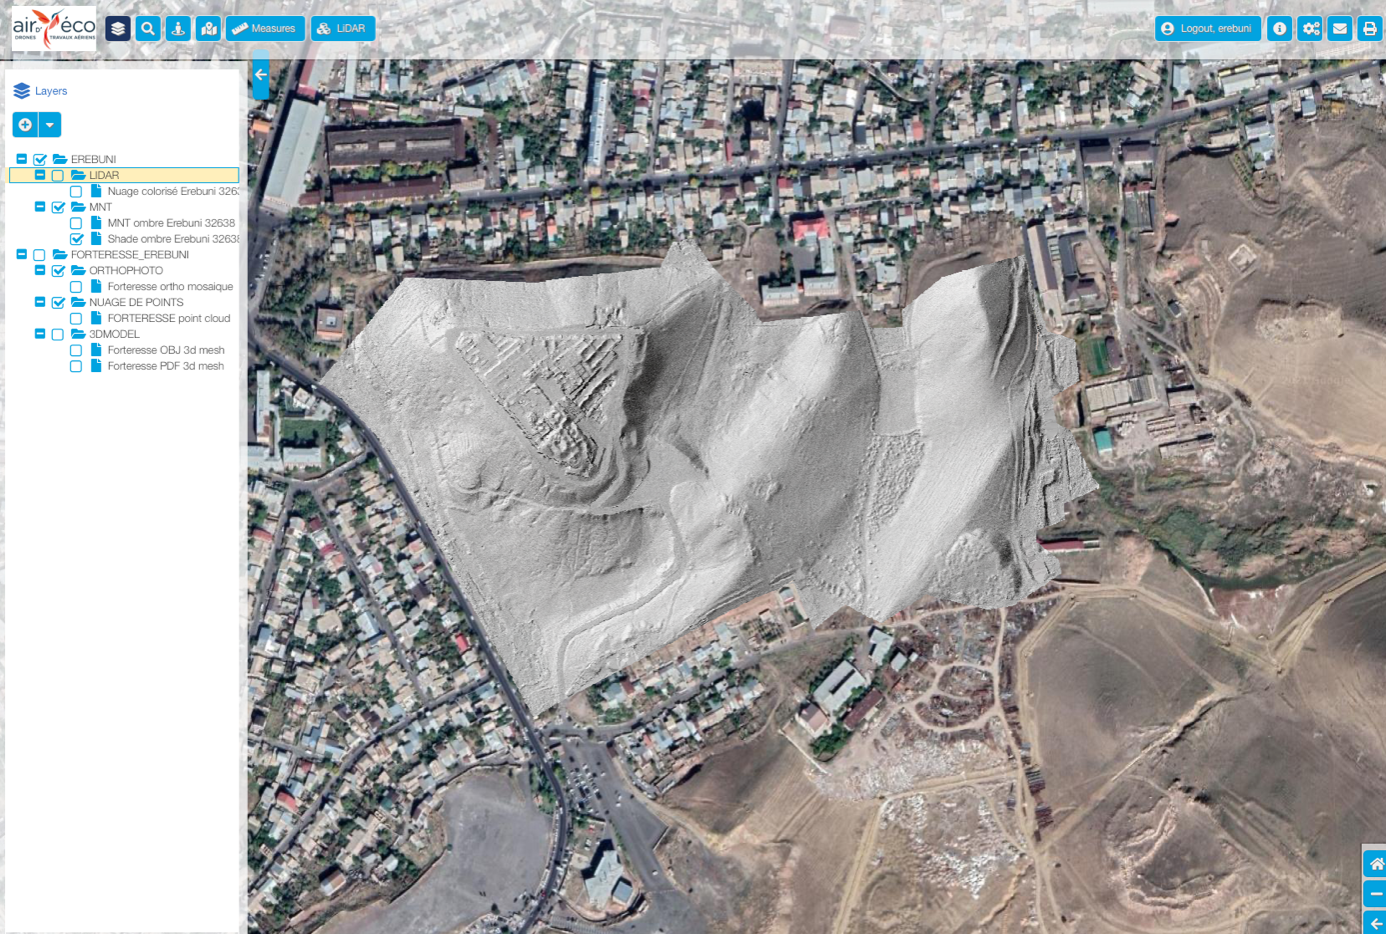 lidar-drone-topographie-archeologie-airdeco-isabelle-le-tellier-imagerie-aerienne-serveur-client